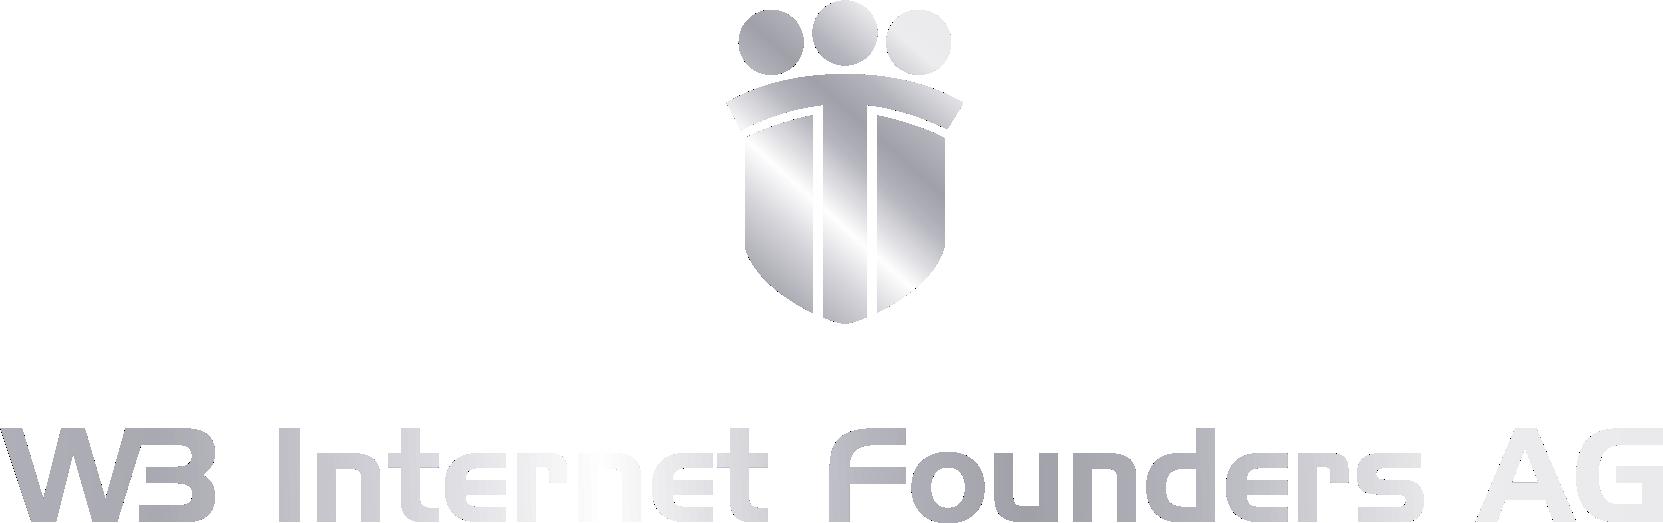 W3 INTERNET FOUNDERS